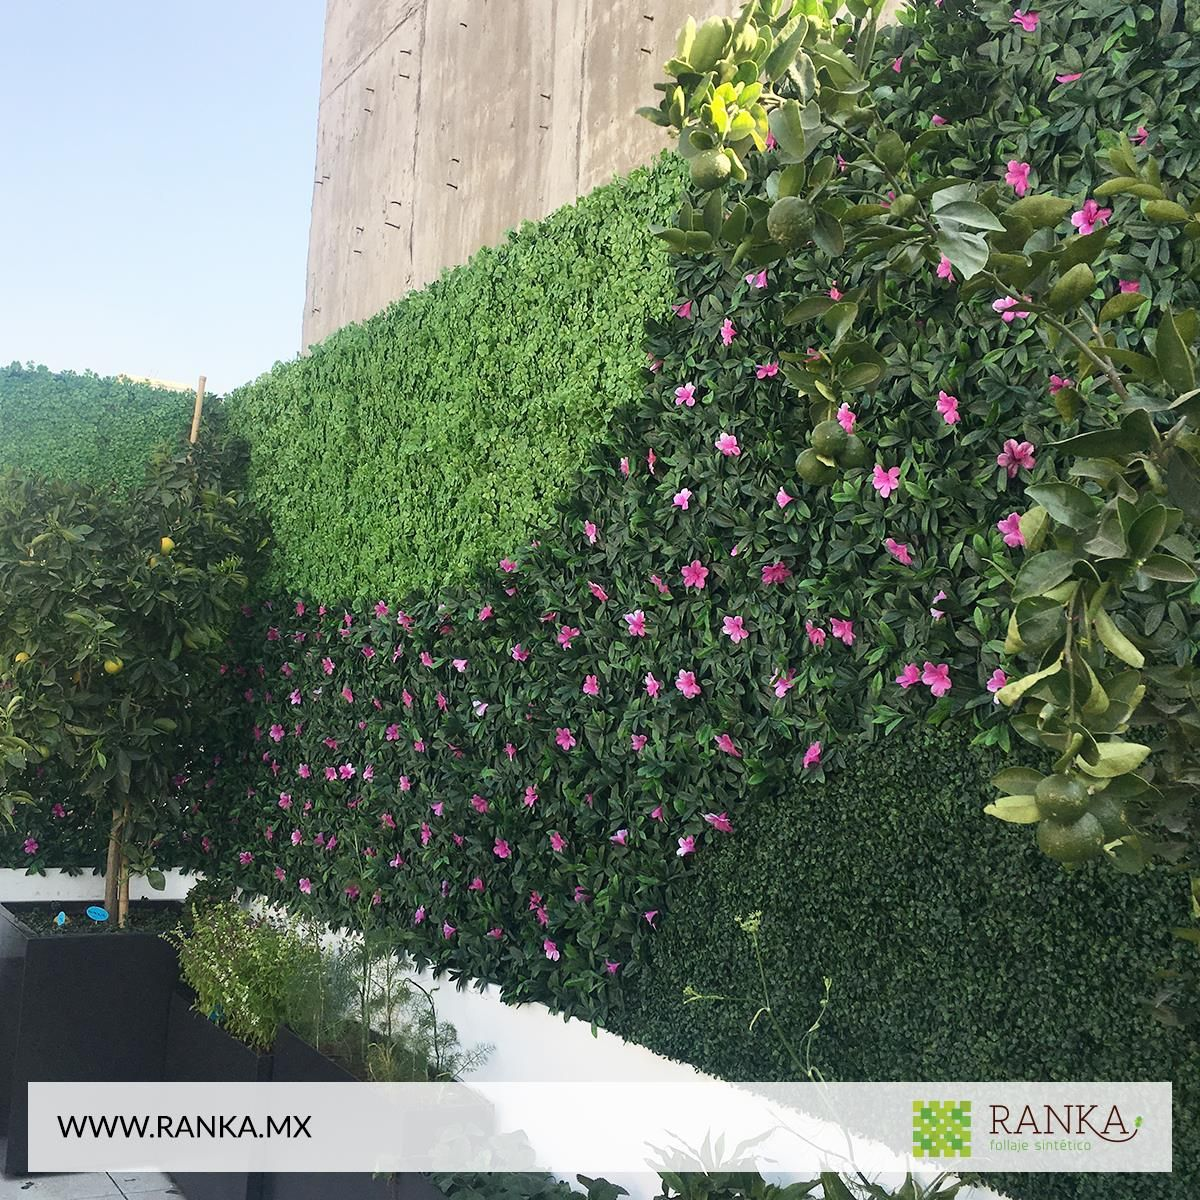 Jardinera decorativa con begonia alto realismo in 2019 - Muros de jardin ...